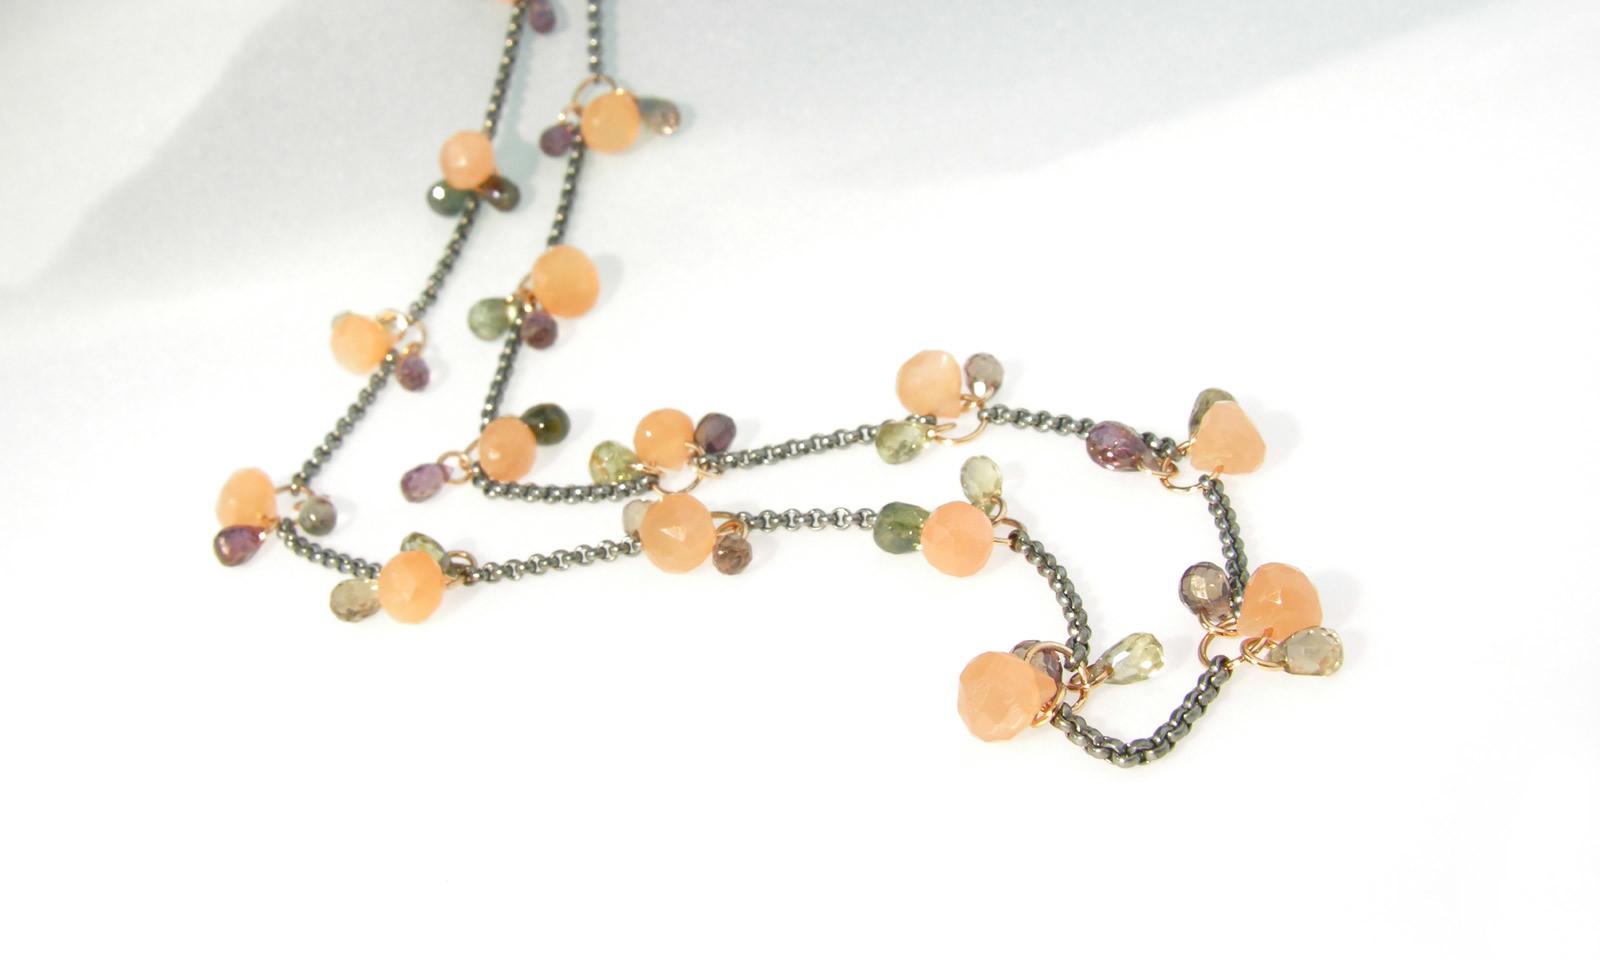 Kette Mondstein Safir. Kette mit Safiren und Mondsteinen, Silber geschwärzt und Rotgold 750, Länge 47 cm, CHF 2800.-